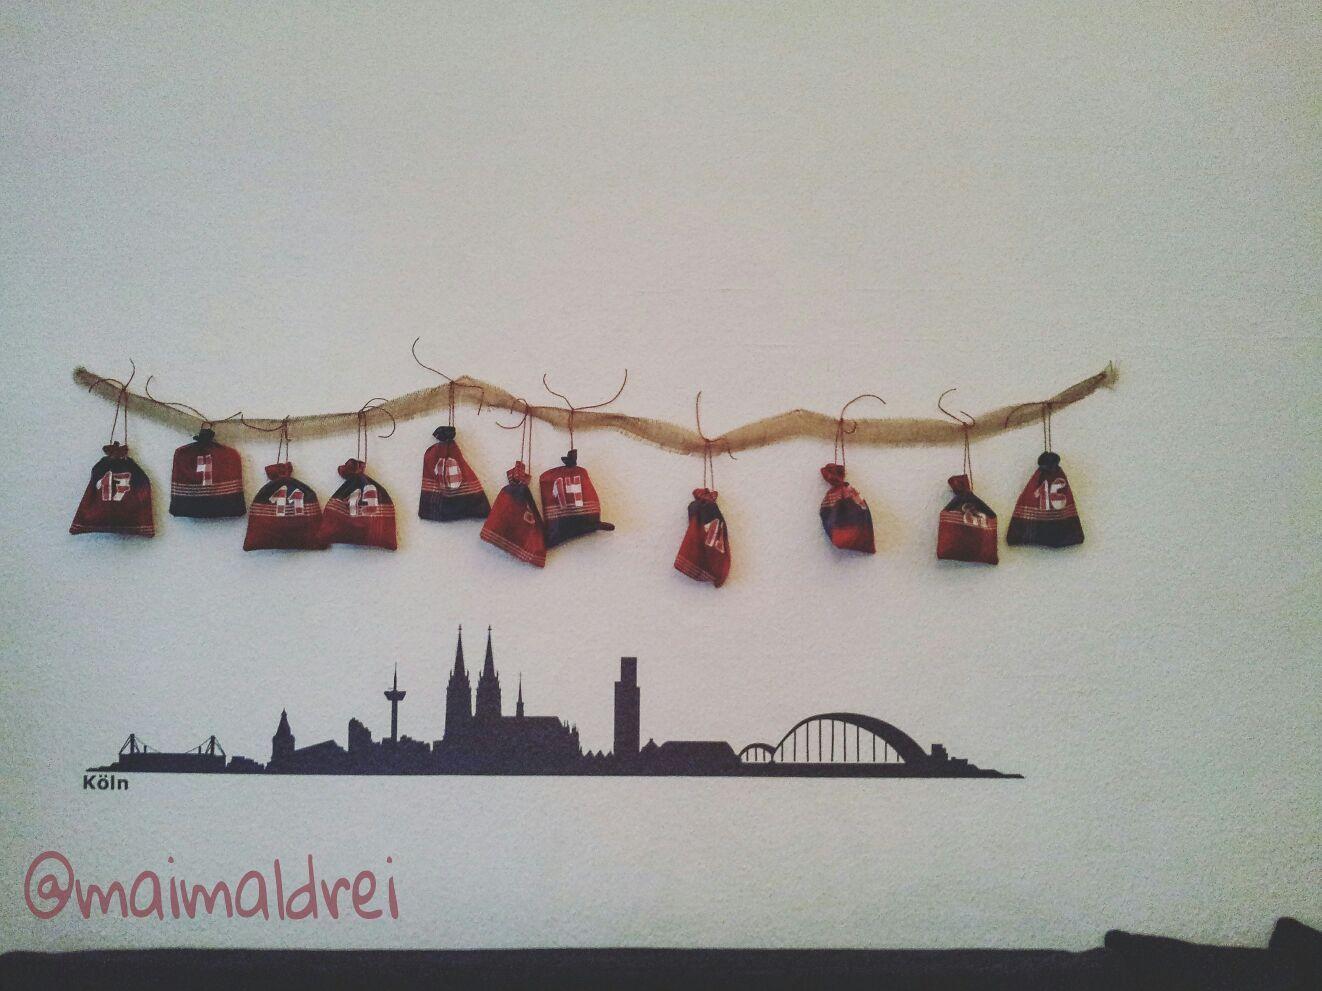 Anspruchsvoll Wandtattoo Köln Das Beste Von Diy Adventskalender, Fertig An Der Wand, Stoff